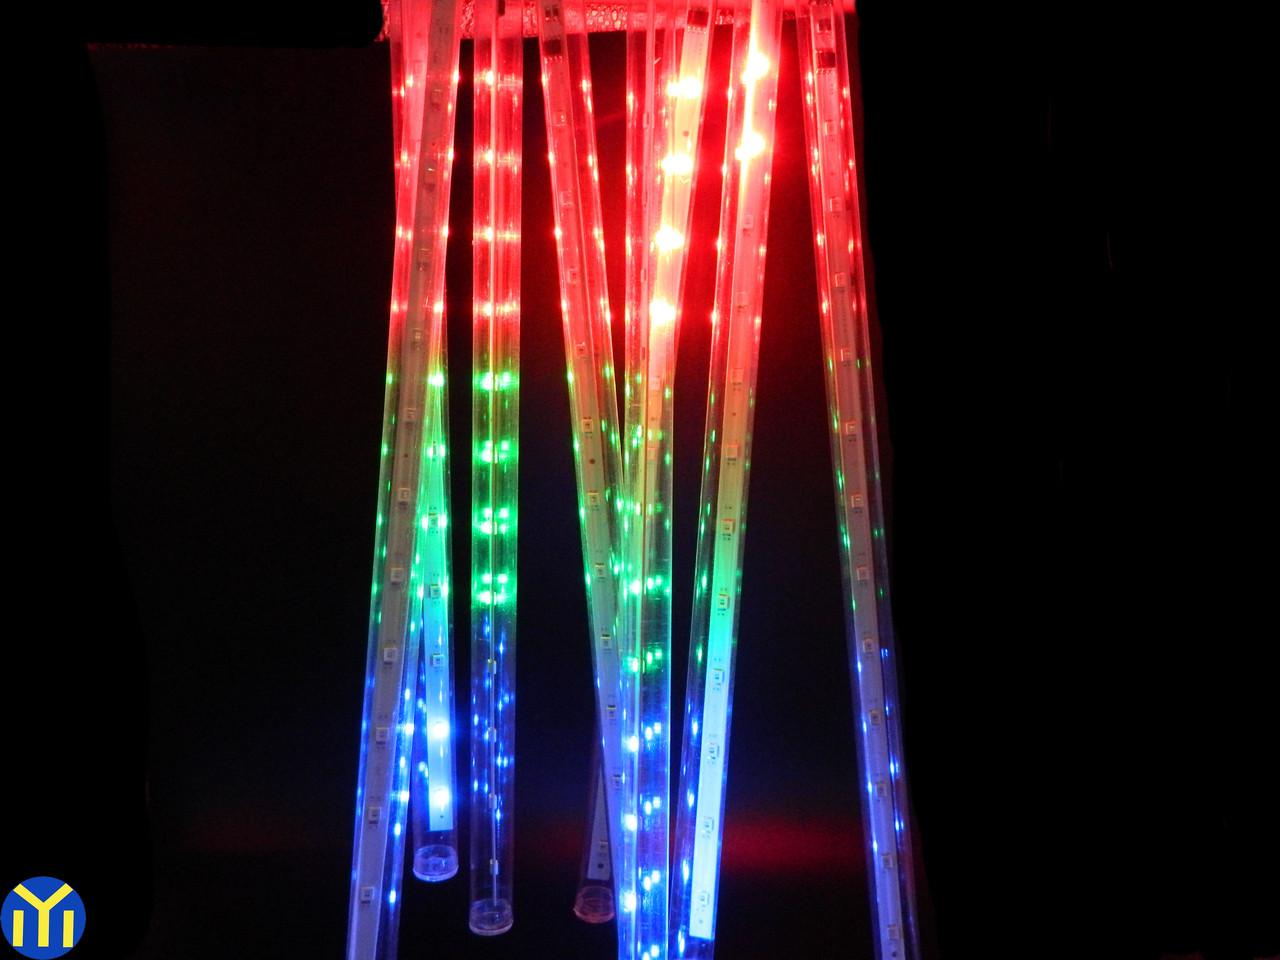 Гирлянда Сосулька светодиодная. 8 трубок, 30 см., Мульти